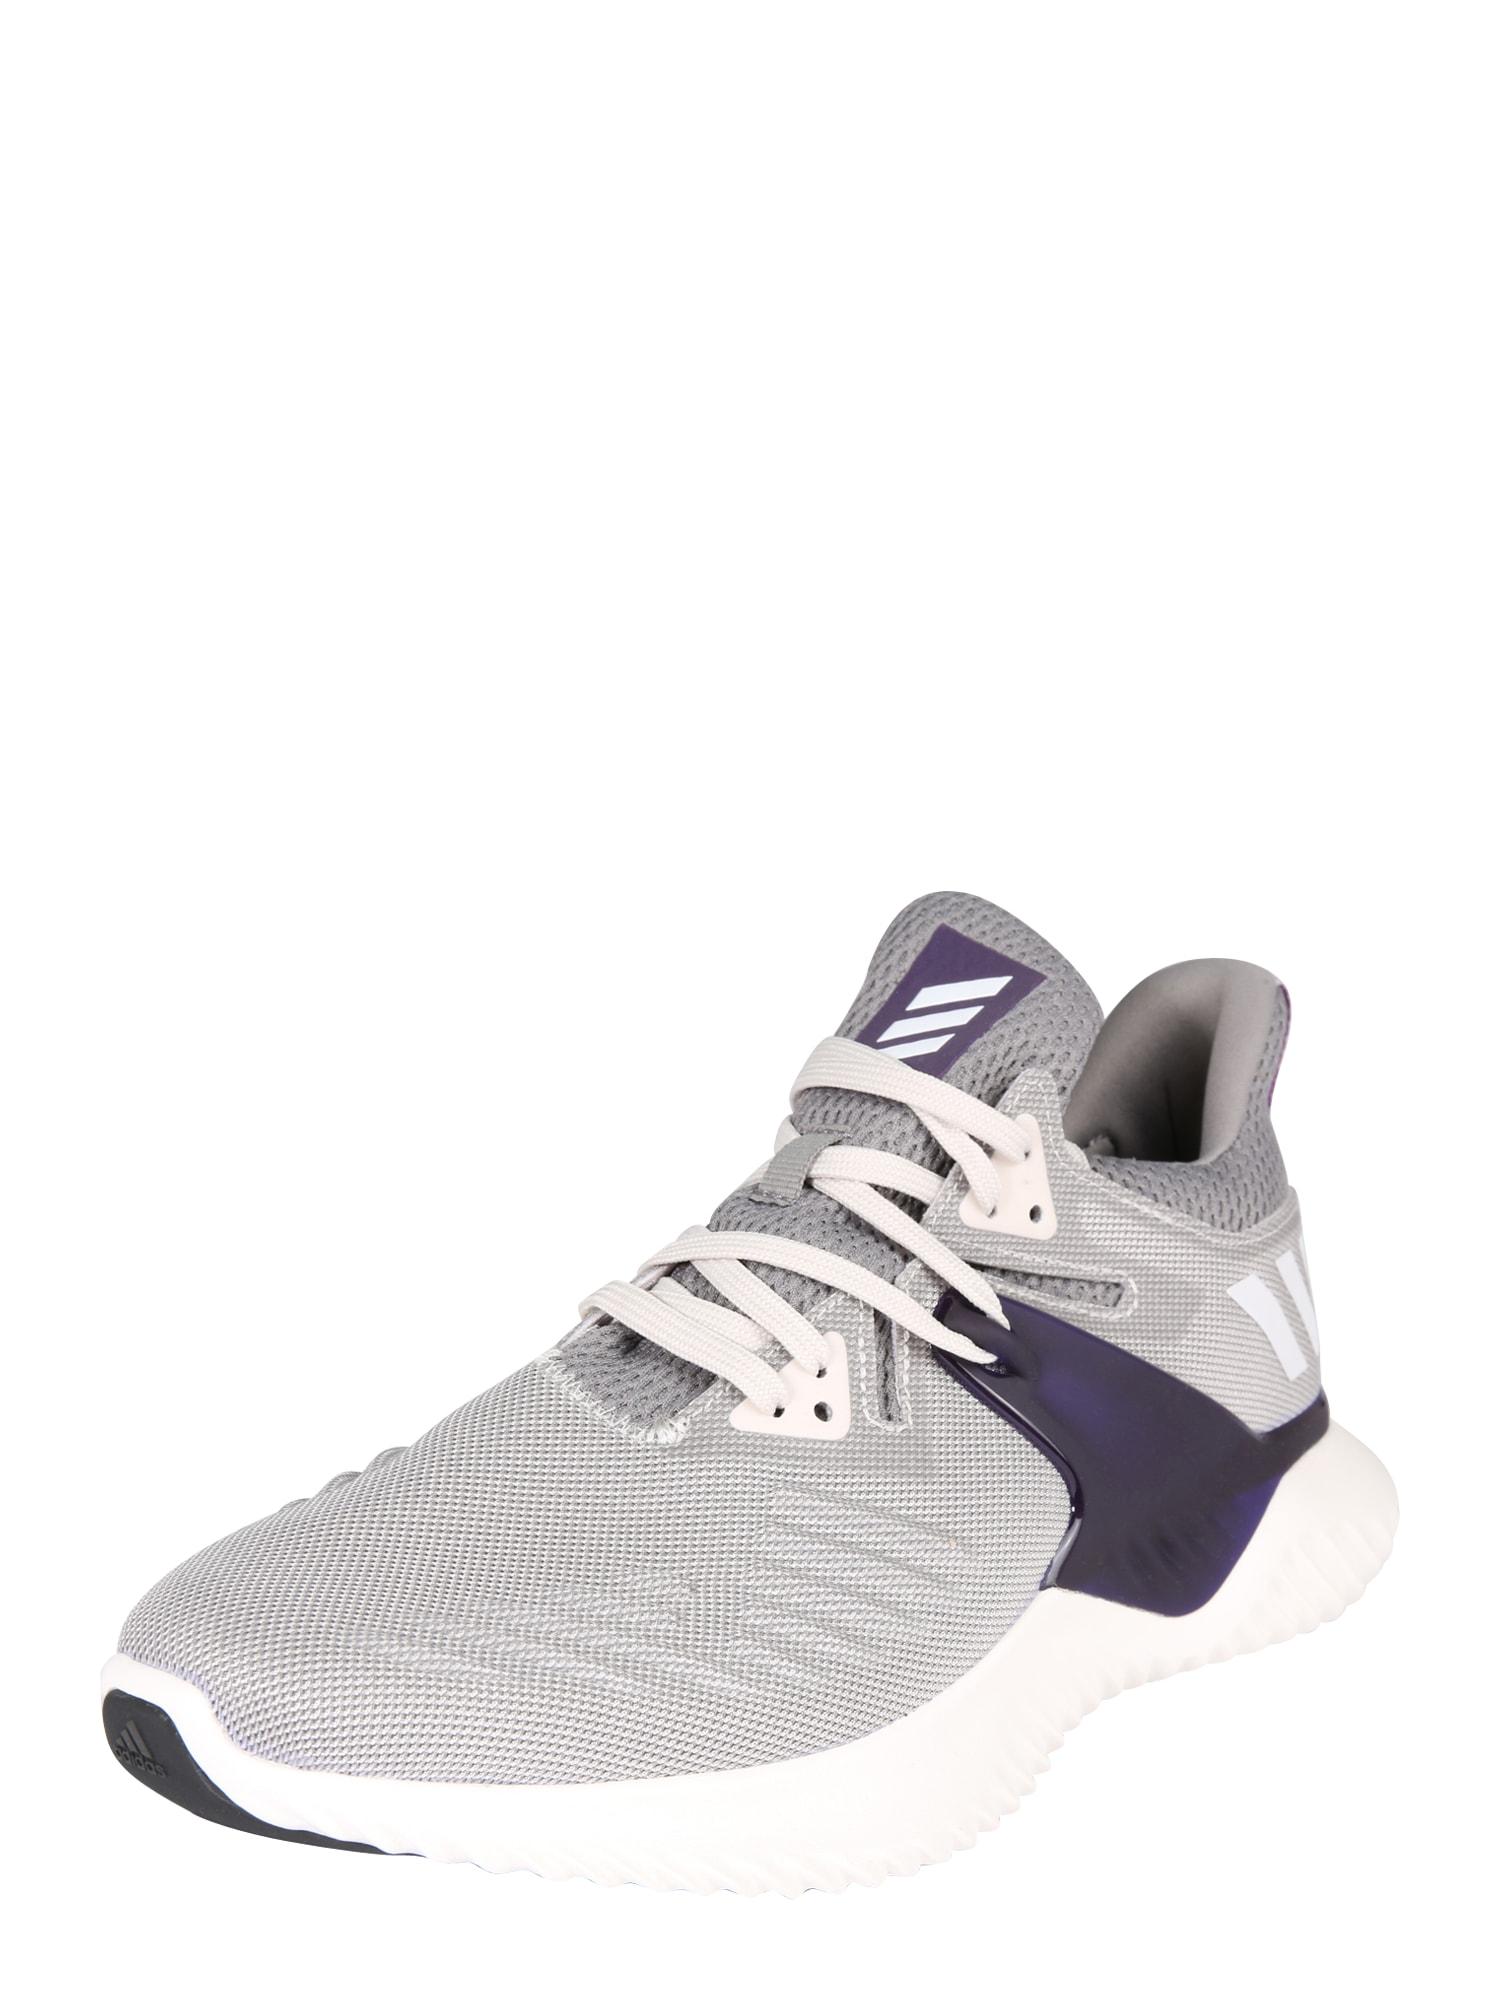 Sportovní boty alphabounce beyond šedá bílá ADIDAS PERFORMANCE